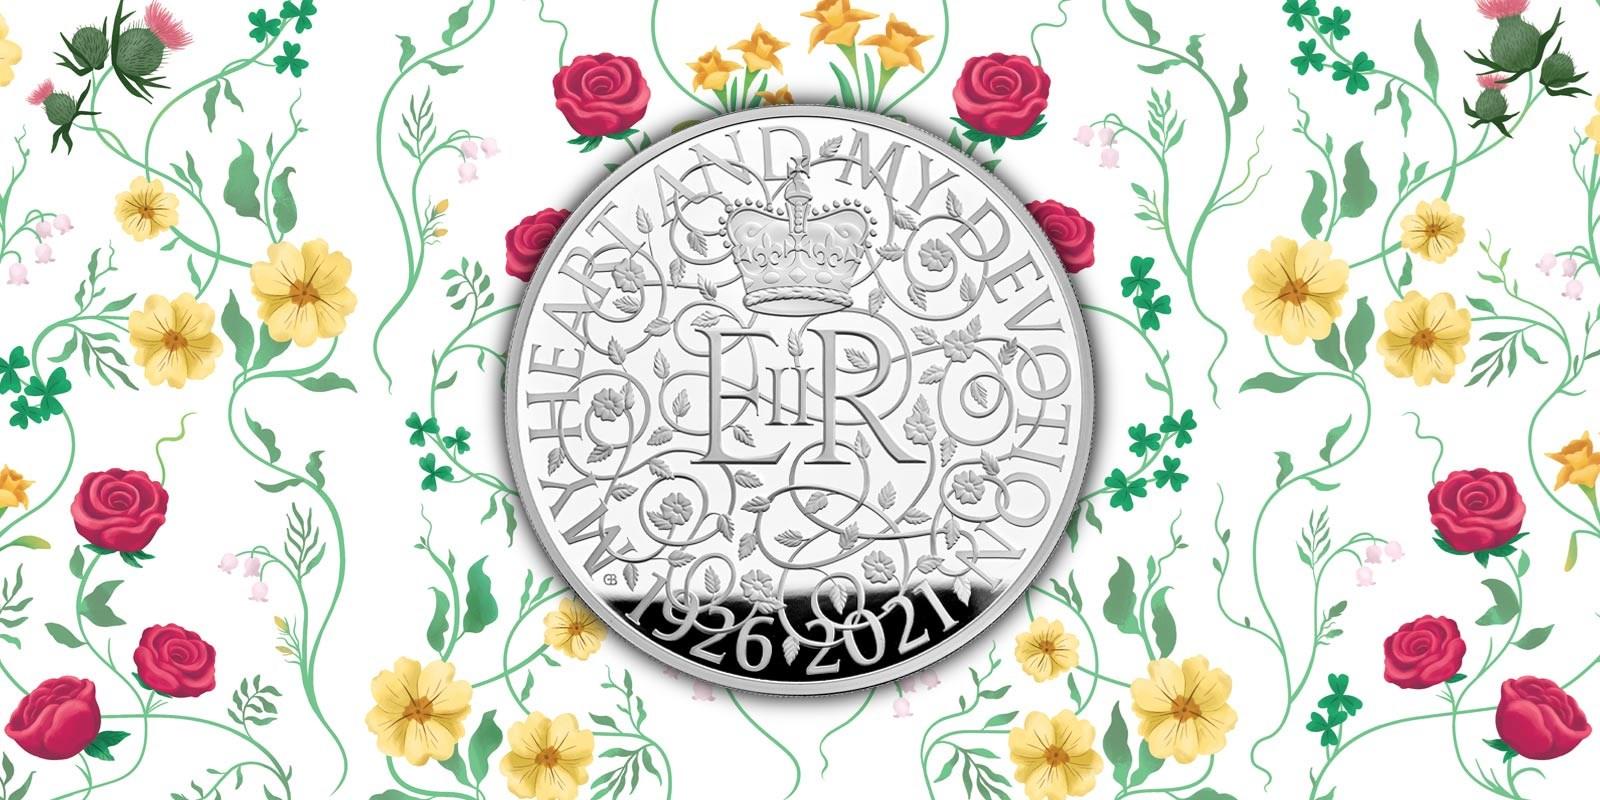 グレートブリテン2021年エリザベス女王生誕95周年5オンス10ポンド金貨NGC PF70 UCAM ファーストリリース-オリジナル箱付き